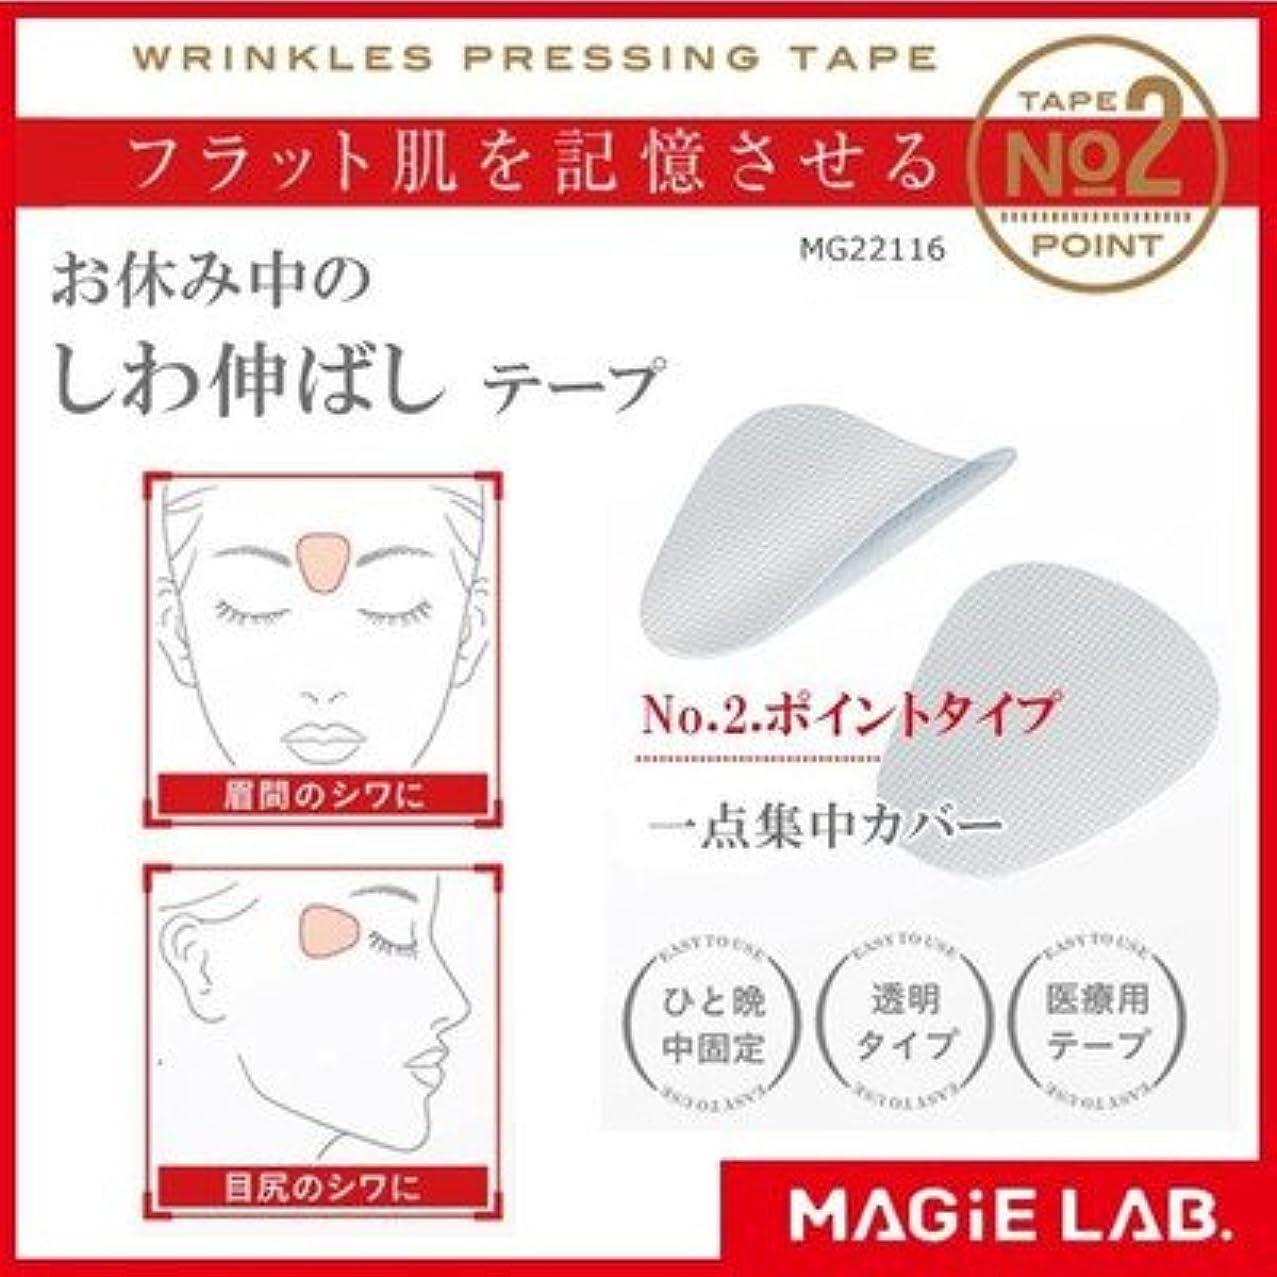 今後ナイトスポットシャトルMAGiE LAB.(マジラボ) 一点集中カバー お休み中のしわ伸ばしテープ No.2.ポイントタイプ MG22116 貼って寝るだけ 表情筋を固定